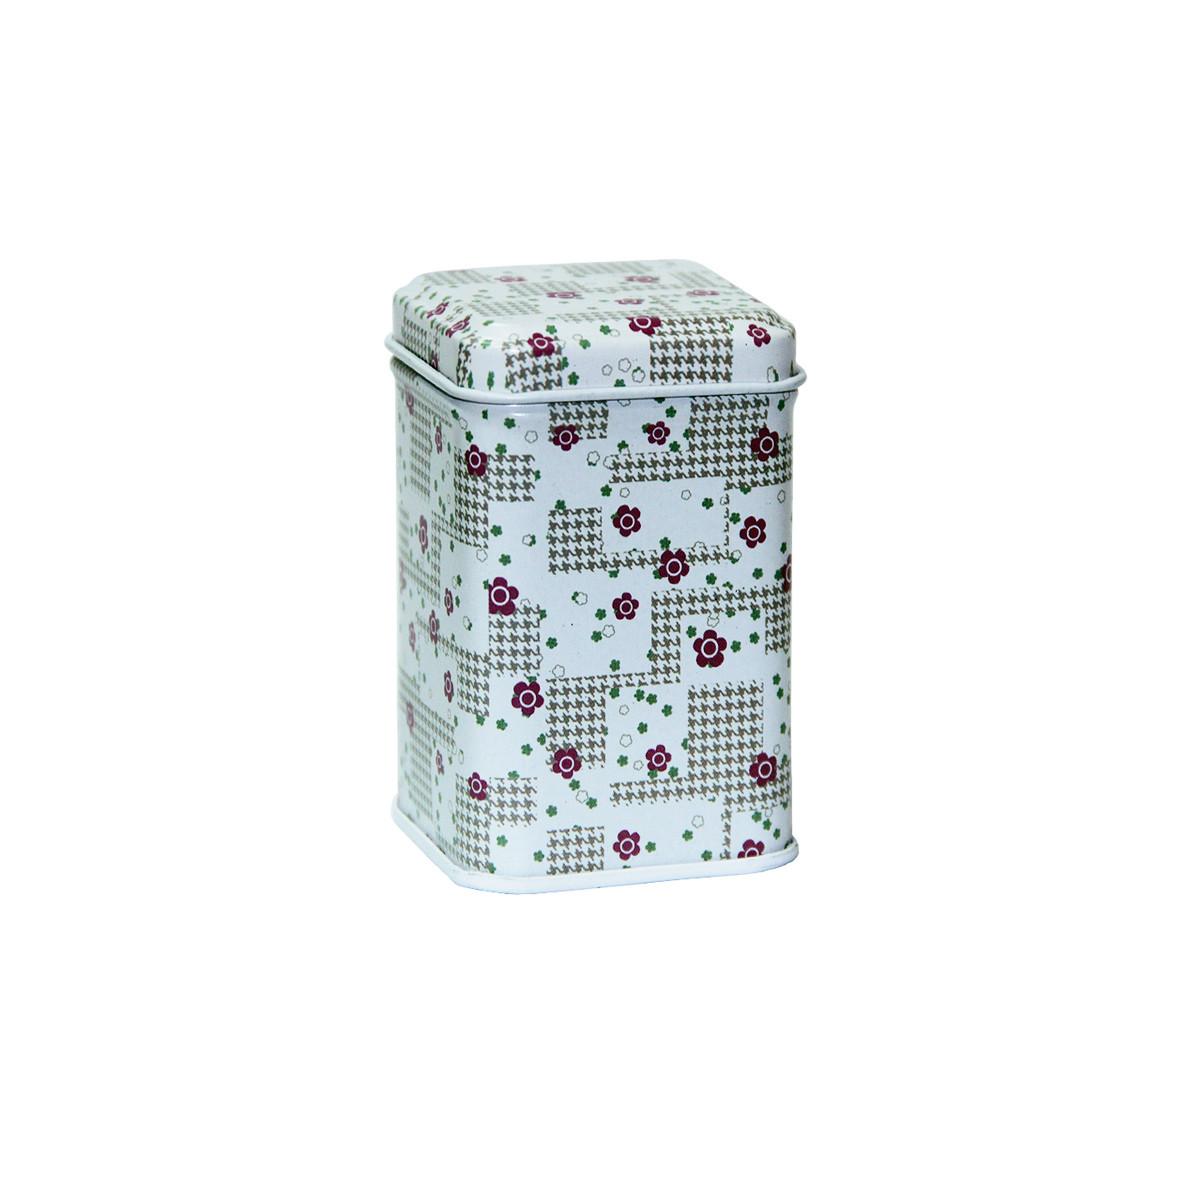 Маленькая коробка для чая и кофе Фентези Цветочный лабиринт, 25г ( коробочка для сыпучих )